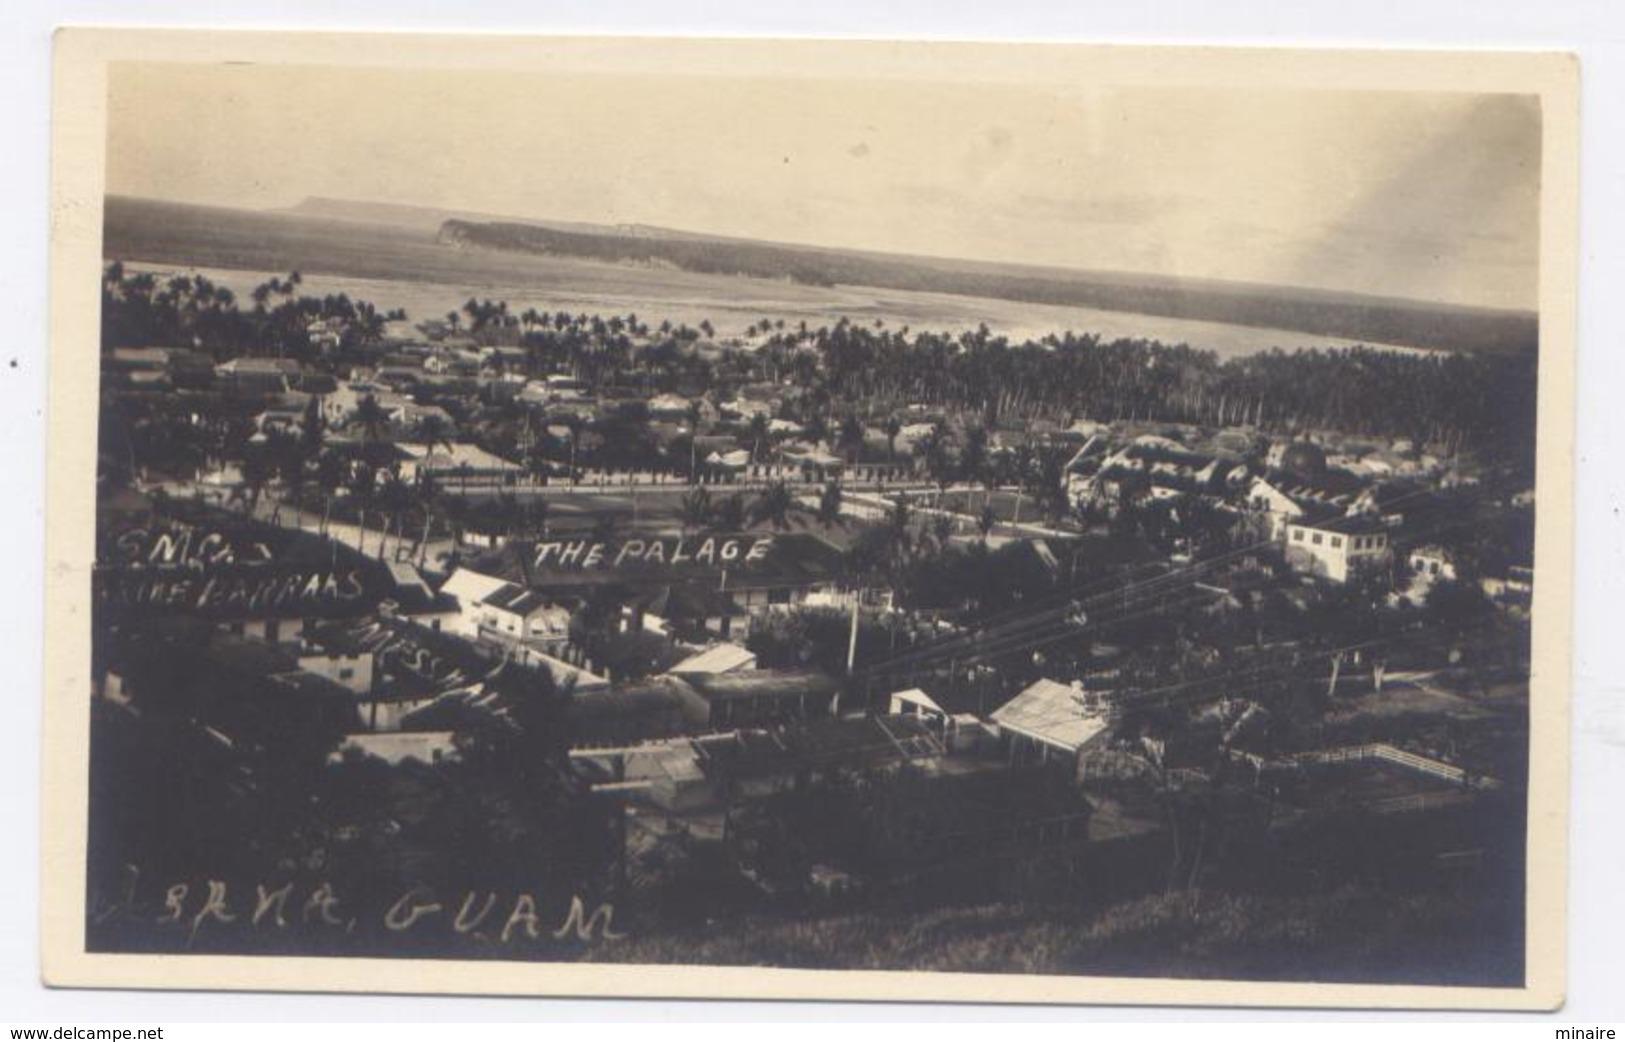 GUAM - Marine Barracks, Mess, Hall & Palace - Bon état - Guam